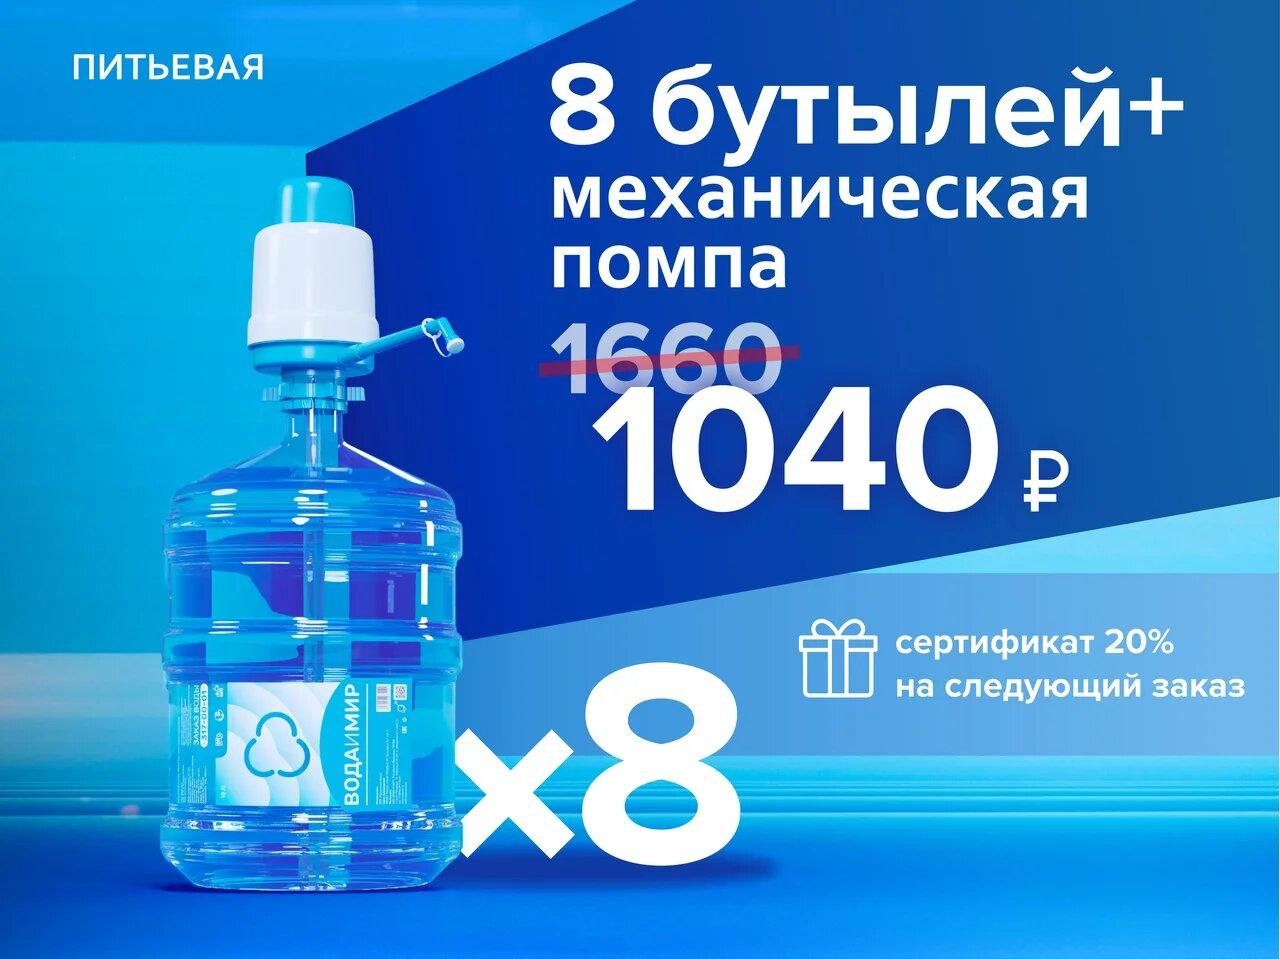 Питьевая вода мех. помпа х8